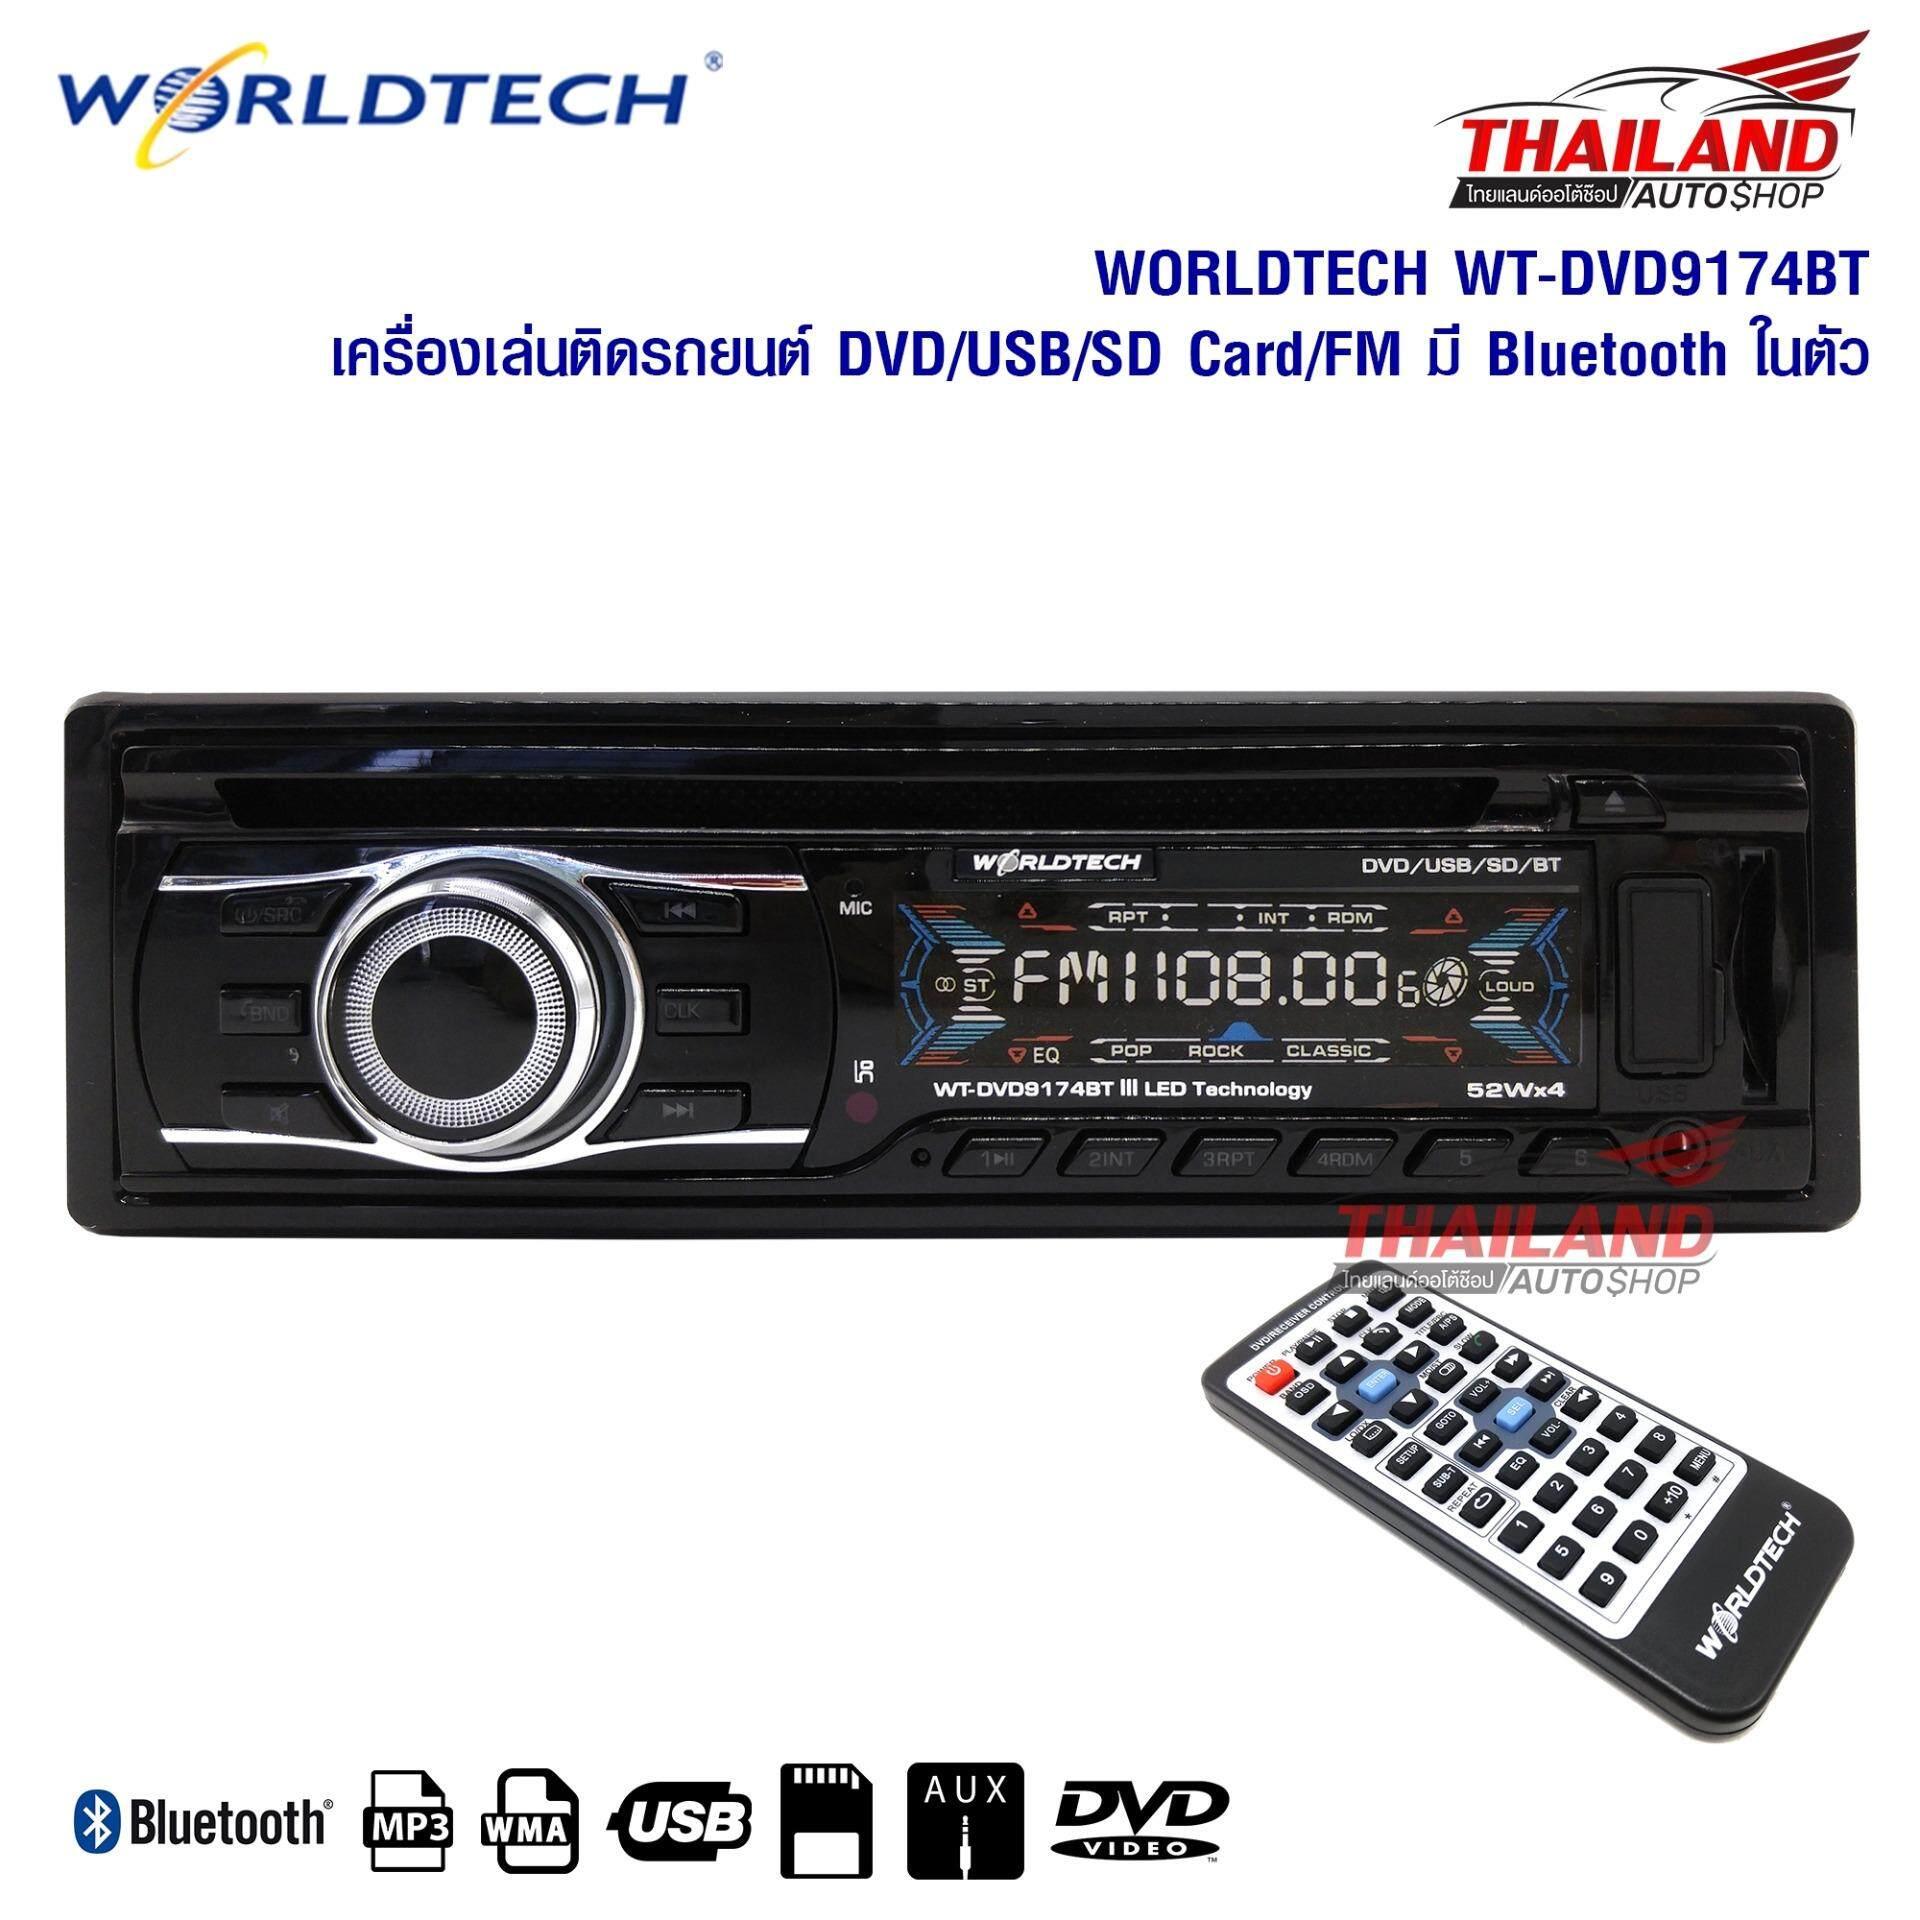 ขาย เครื่องเล่นDvd Usb Sd Card Fm ติดรถยนต์ Worldtech รุ่น Wt Dvd9174Bt Worldtech